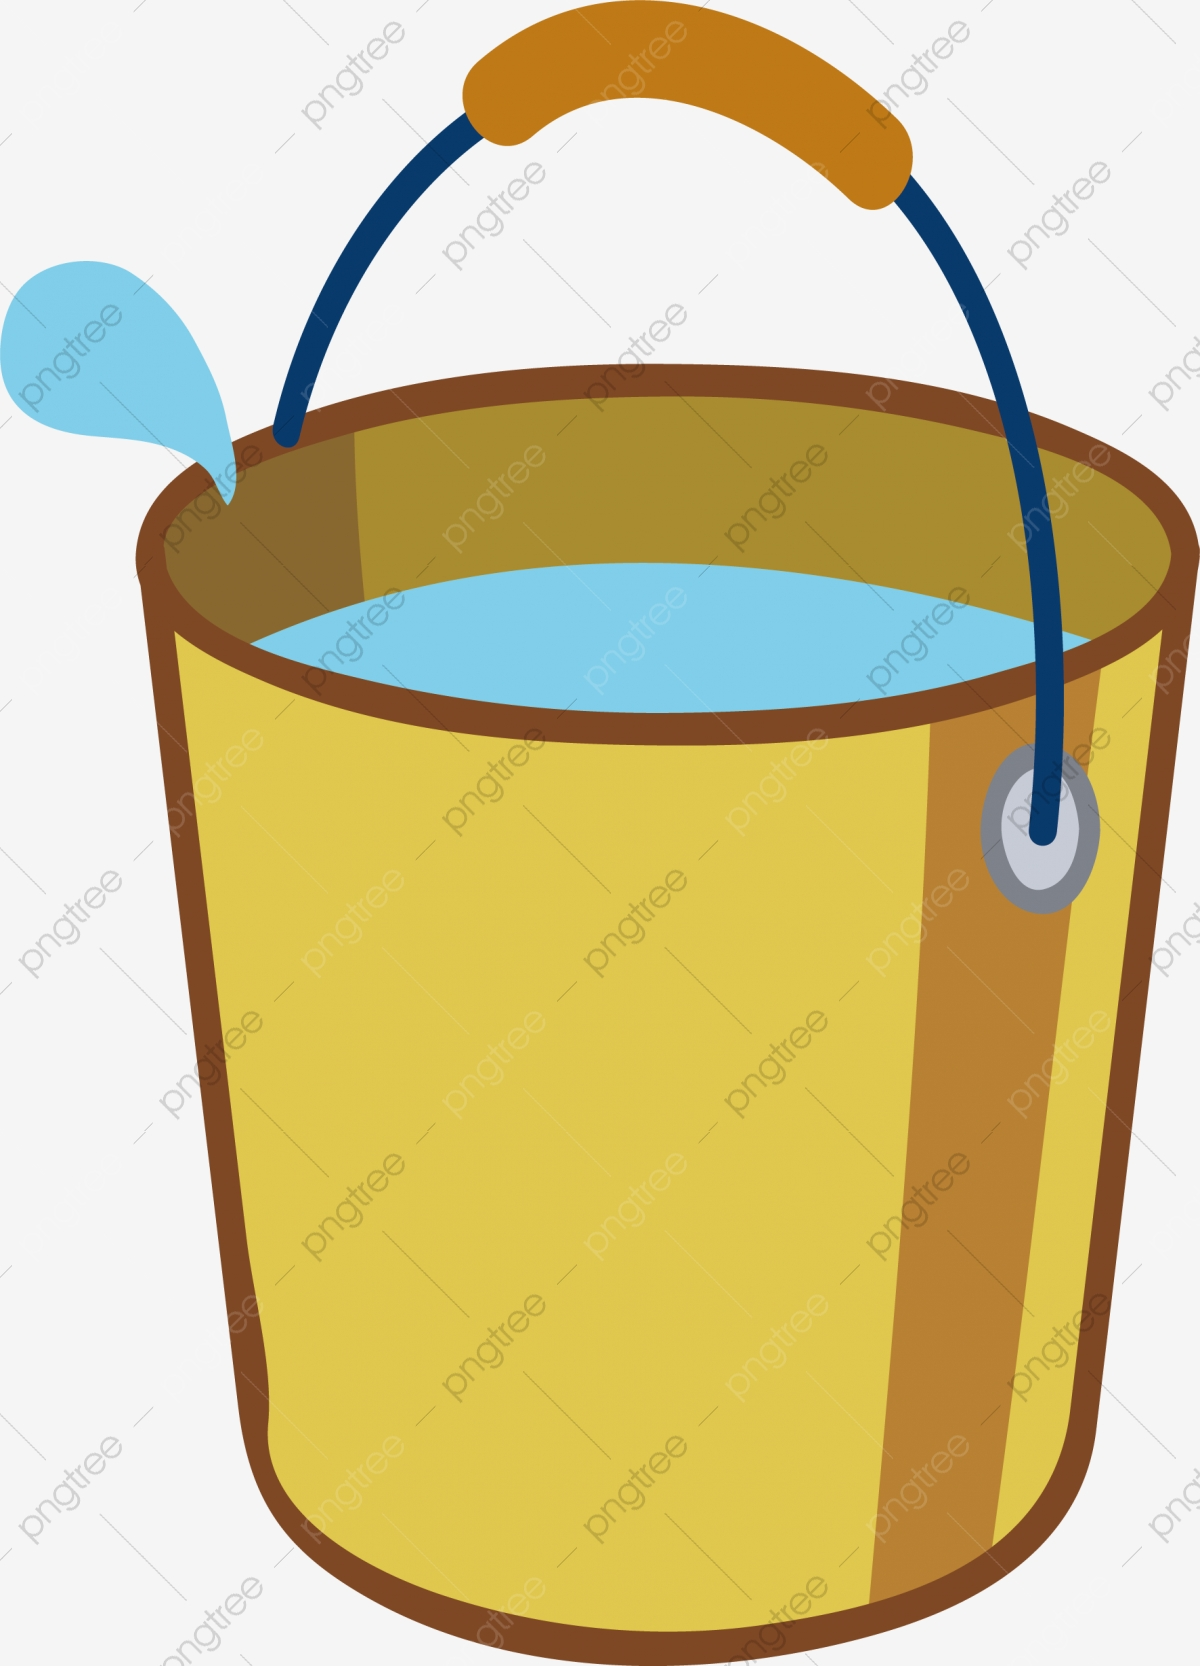 Bucket Png Vector Element, Bucket Vector, Water, Cartoon PNG and.